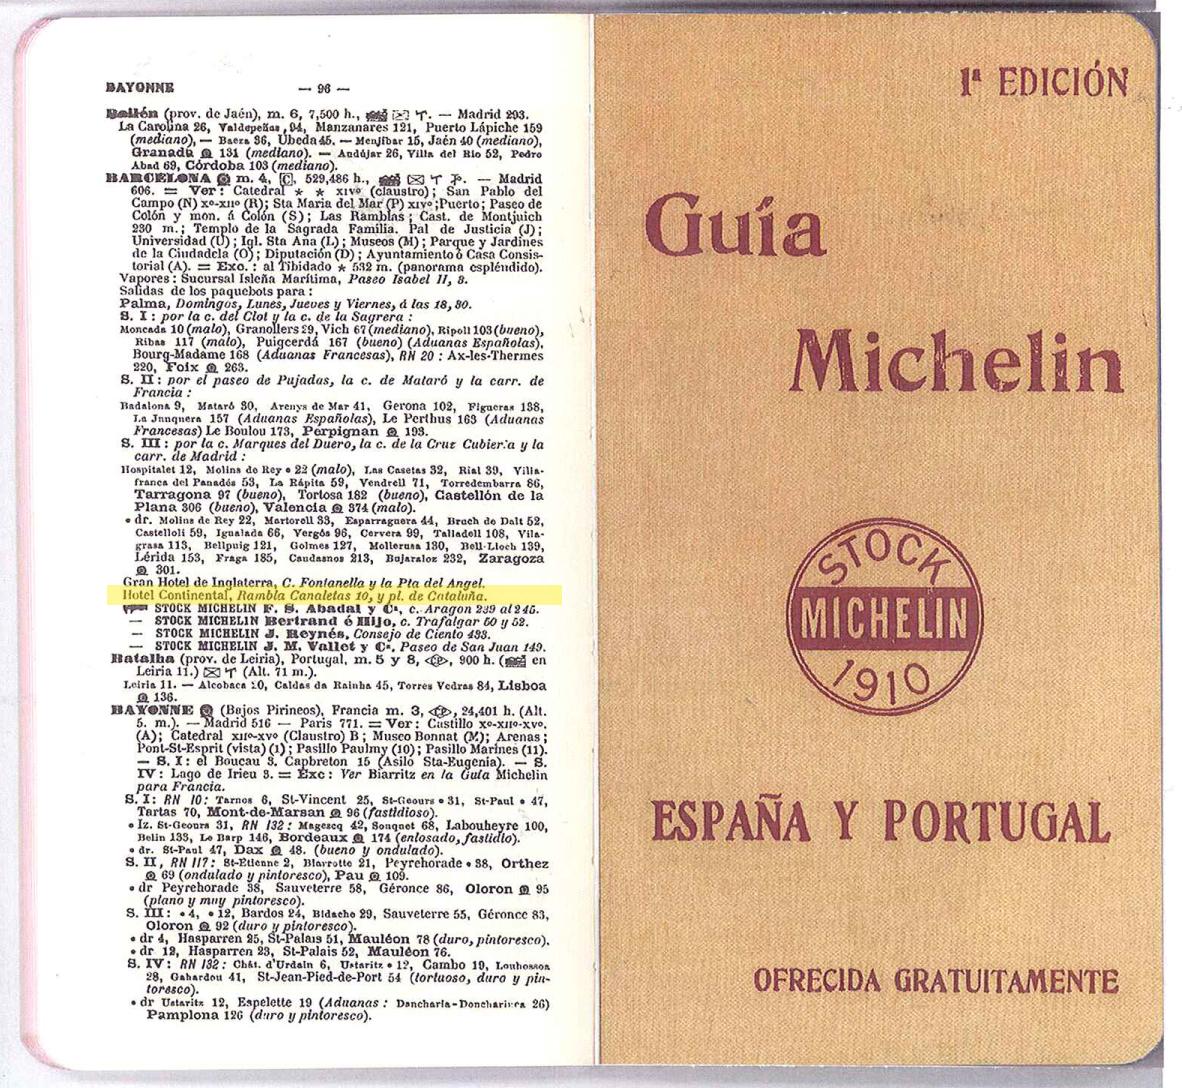 primera edicion guia michelin